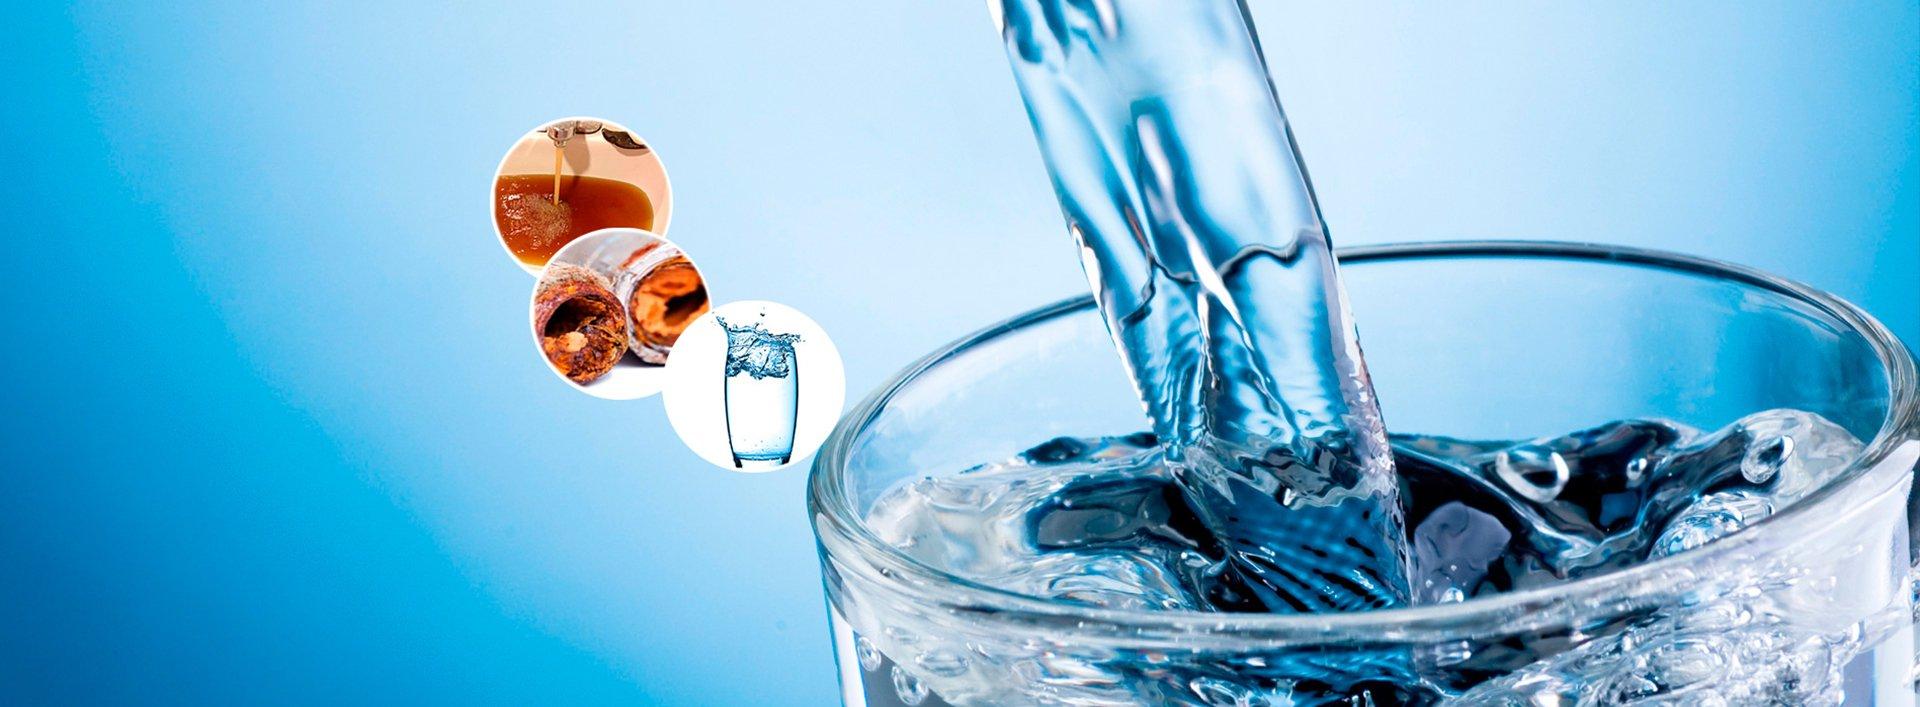 Água de qualiade